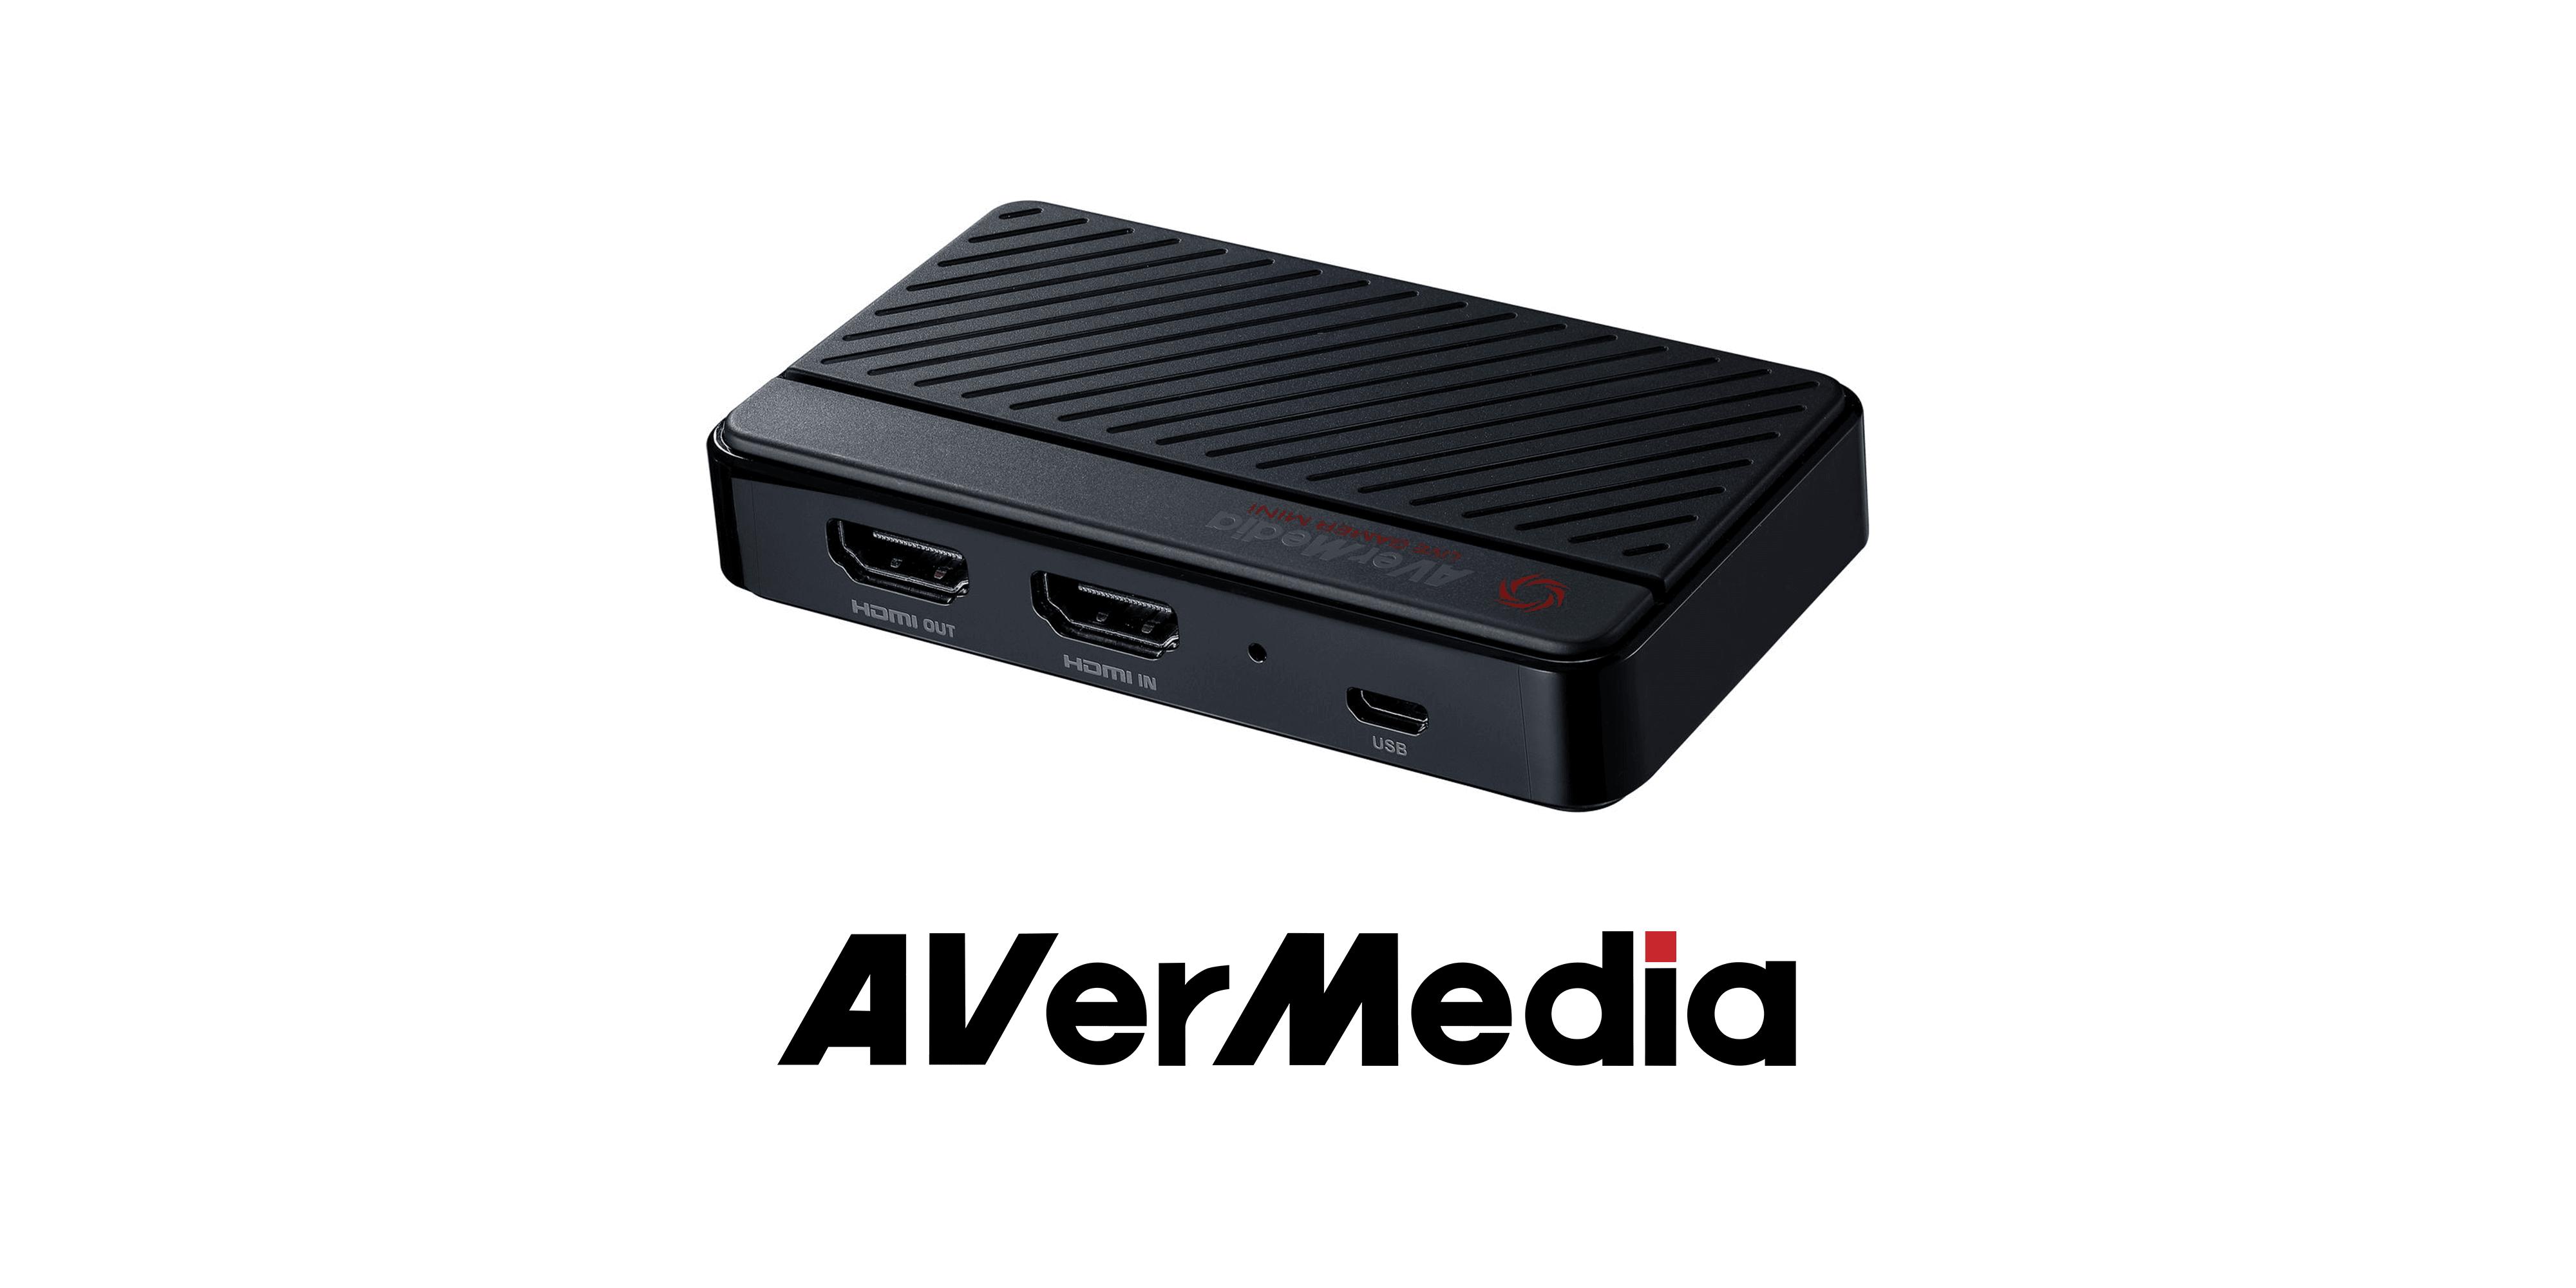 Kieszonkowy wideo grabber od AVerMedia debiutuje na rynku